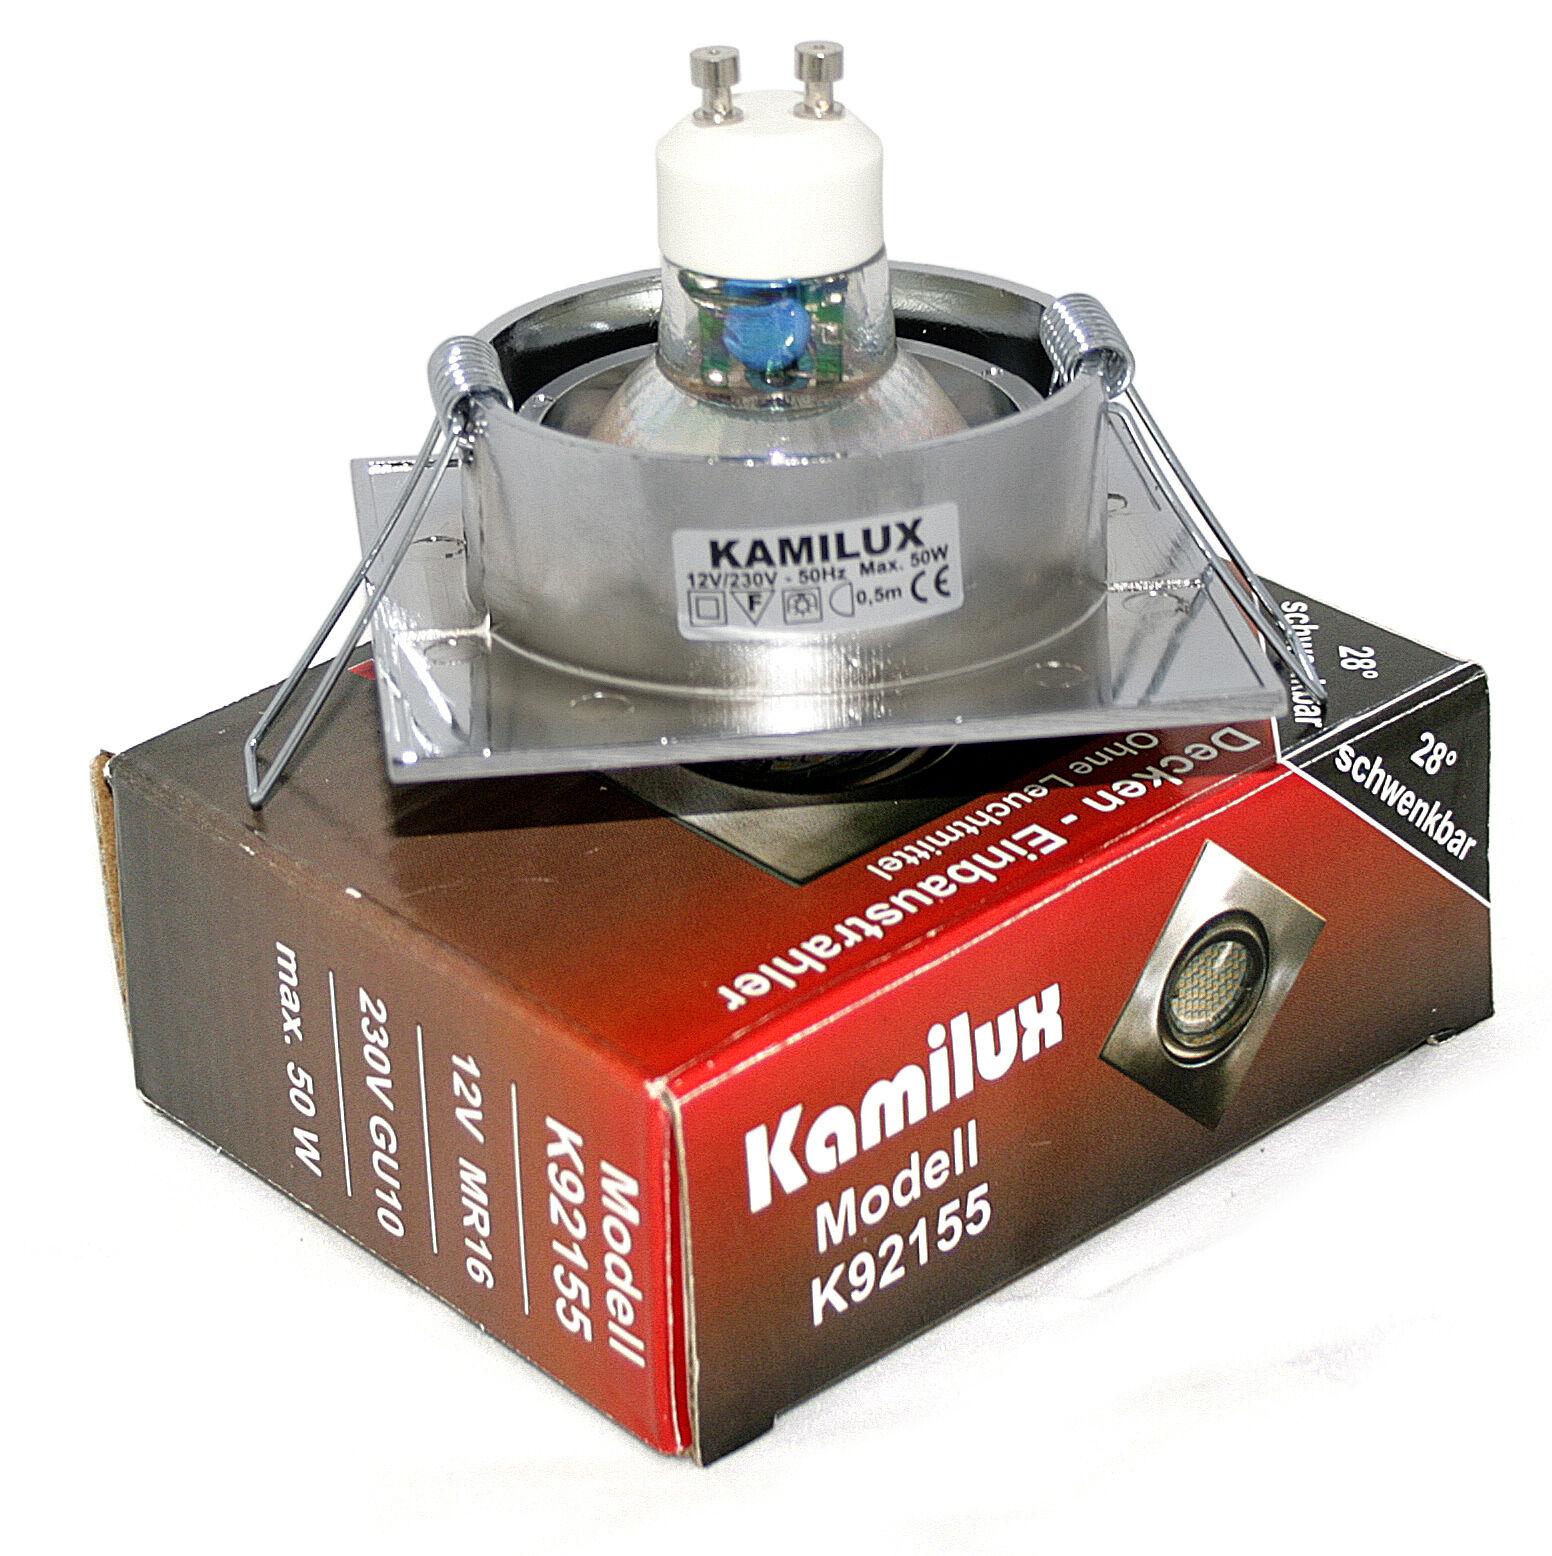 Instalación spot LED emisor de instalación lámpara k92155 gu10 gu10 gu10 5w SMD enmarcar LED 230v 936ffe